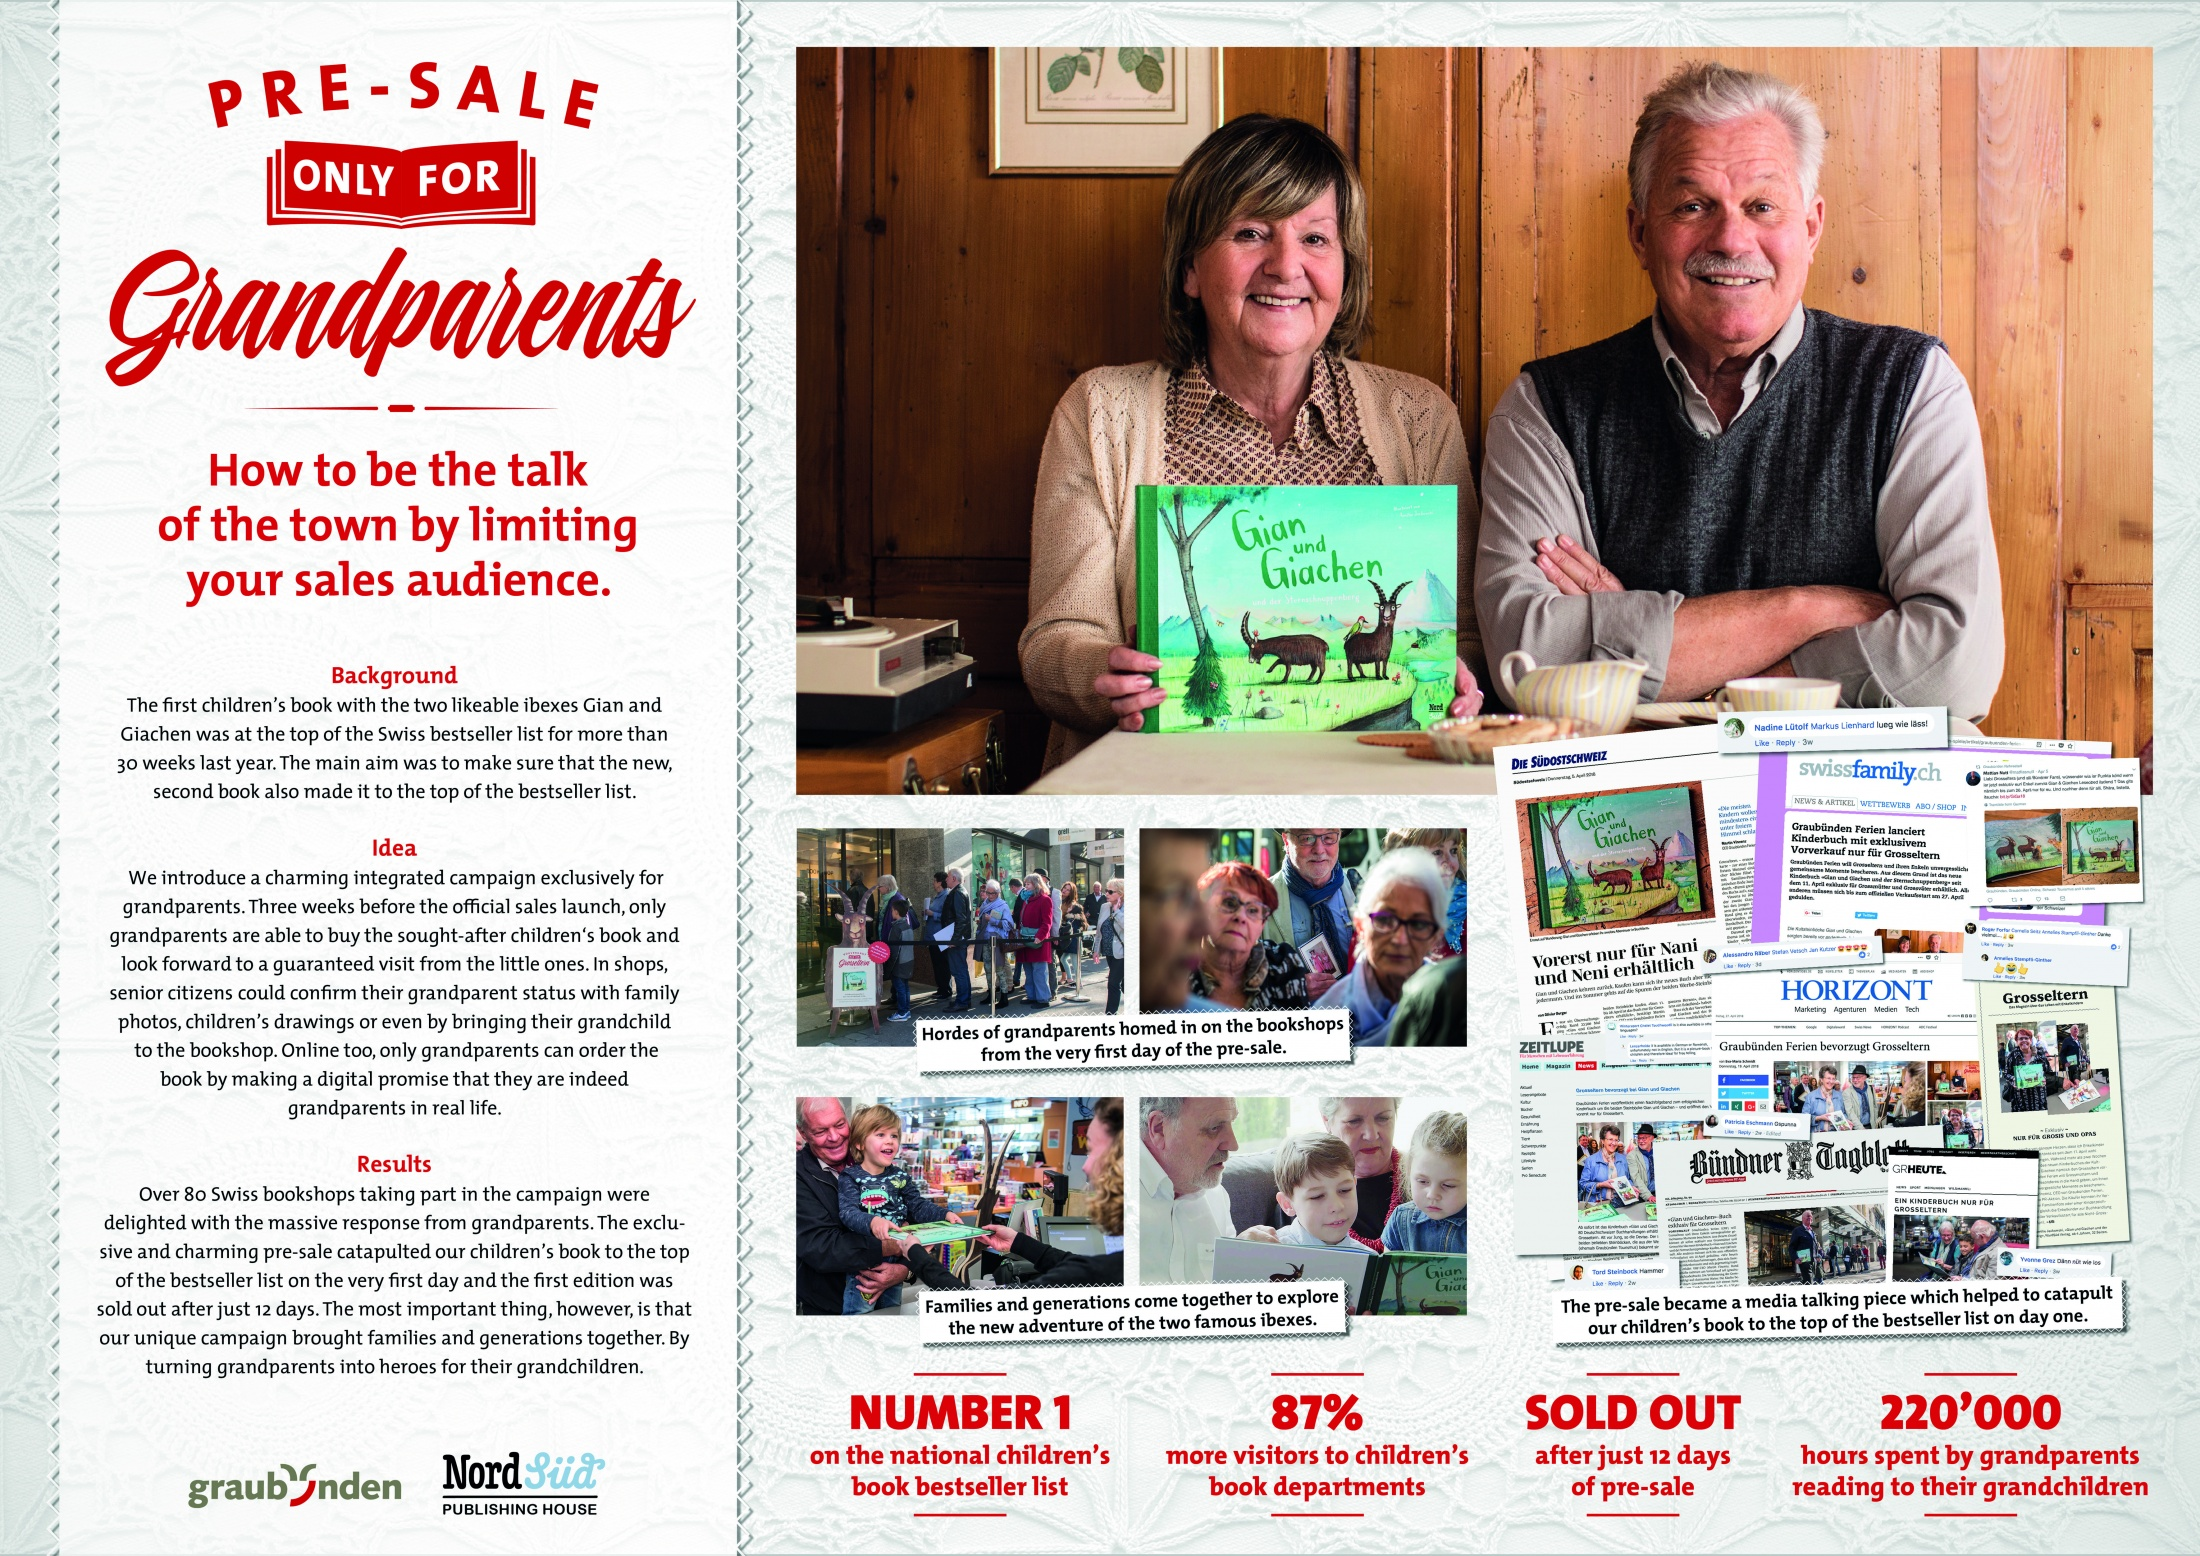 Thumbnail for Grandparents Pre-sale